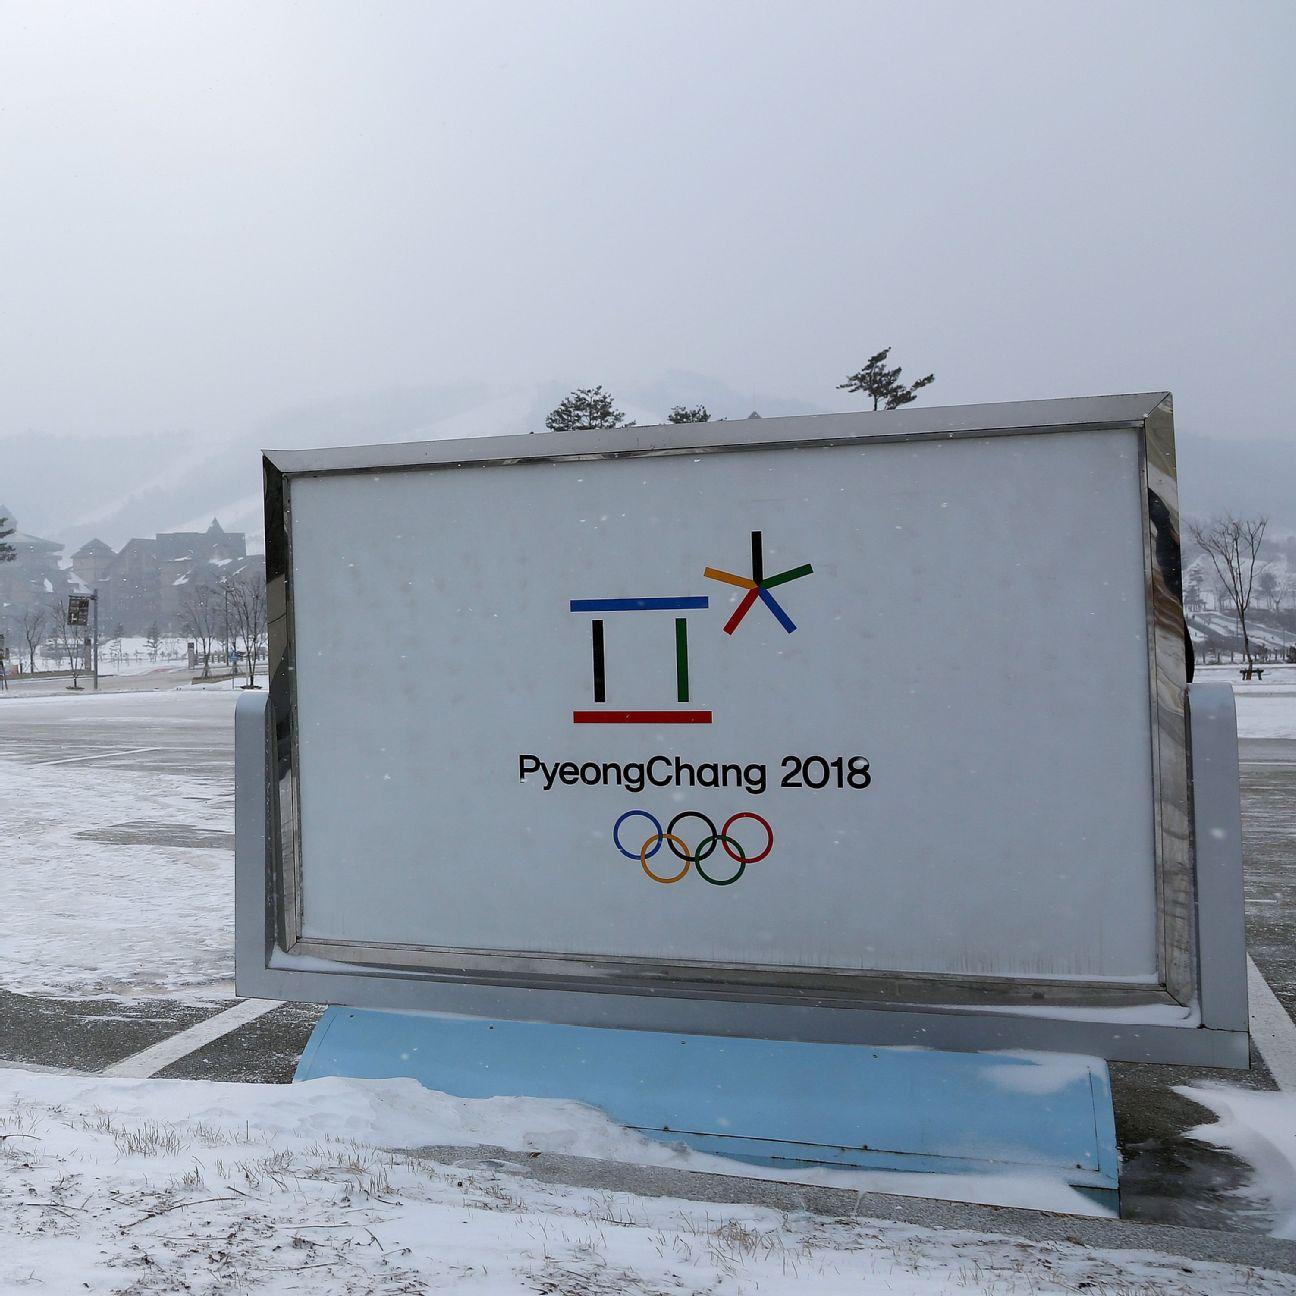 Pyeongchang: IIHF Waits For NHL, Union To Decide On Olympics